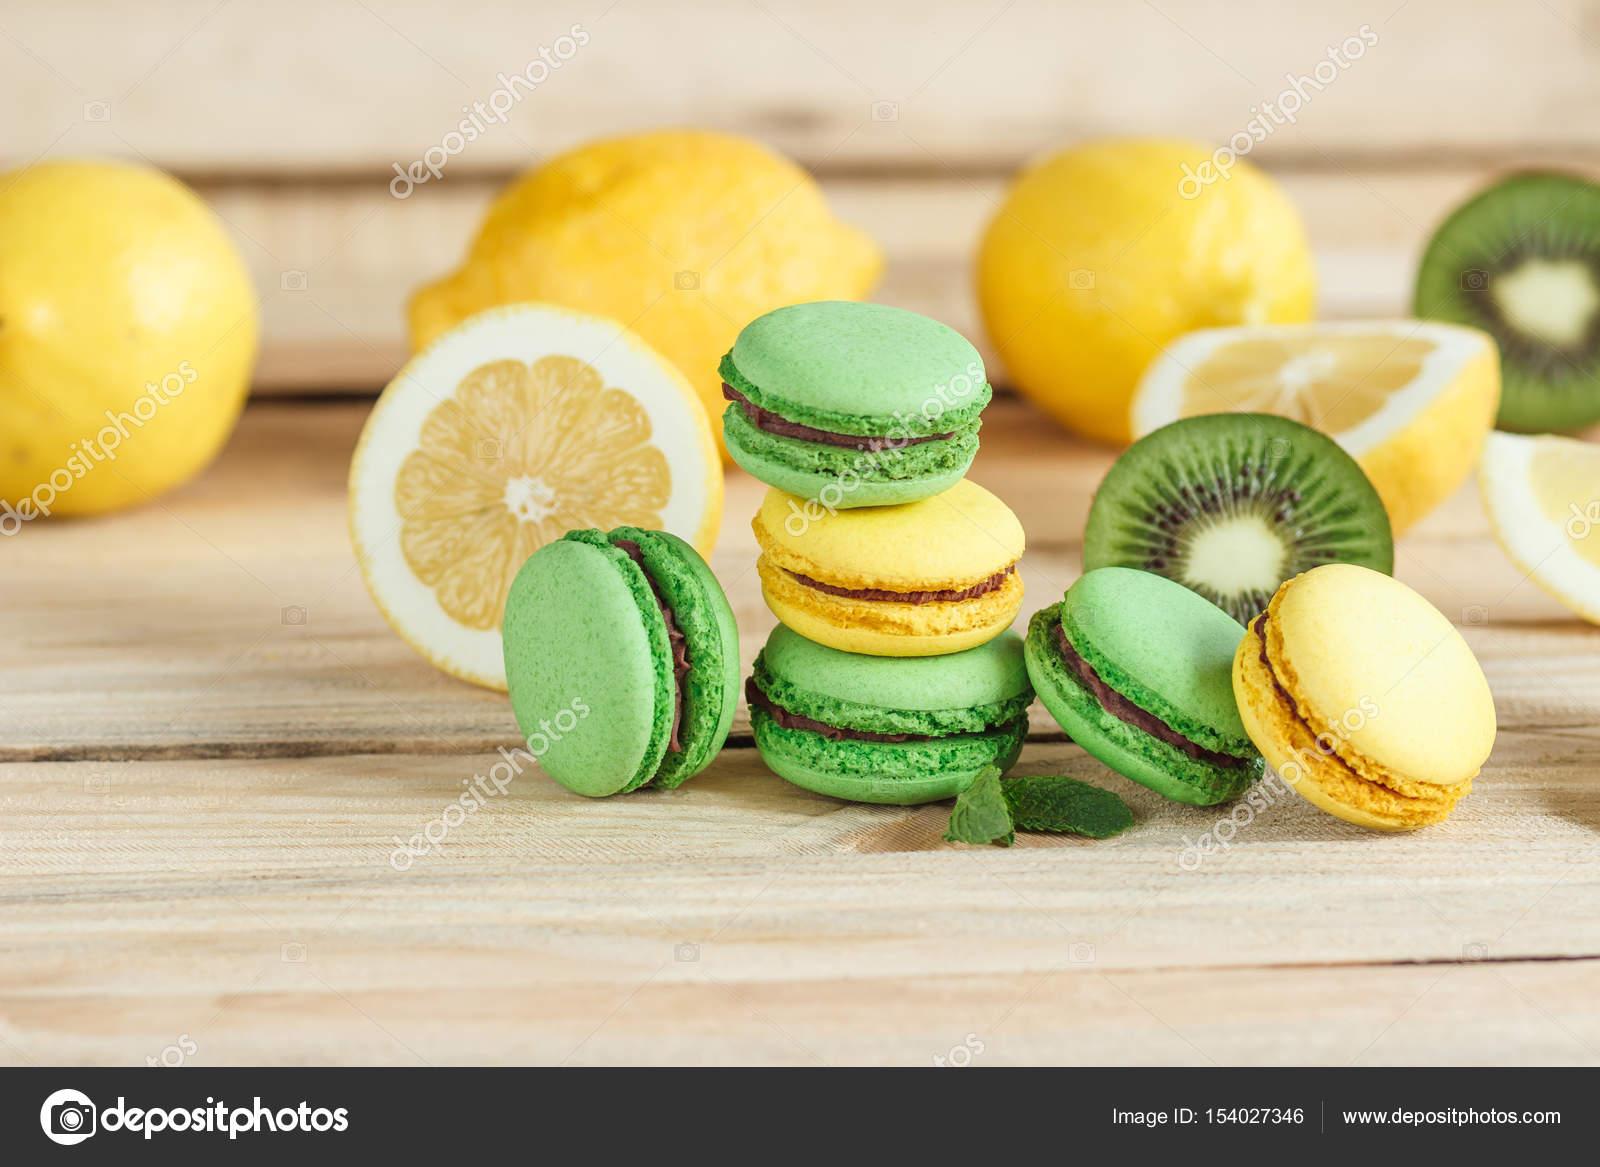 Macarons Francesi Verde E Giallo Con Decorazioni Kiwi Limone E